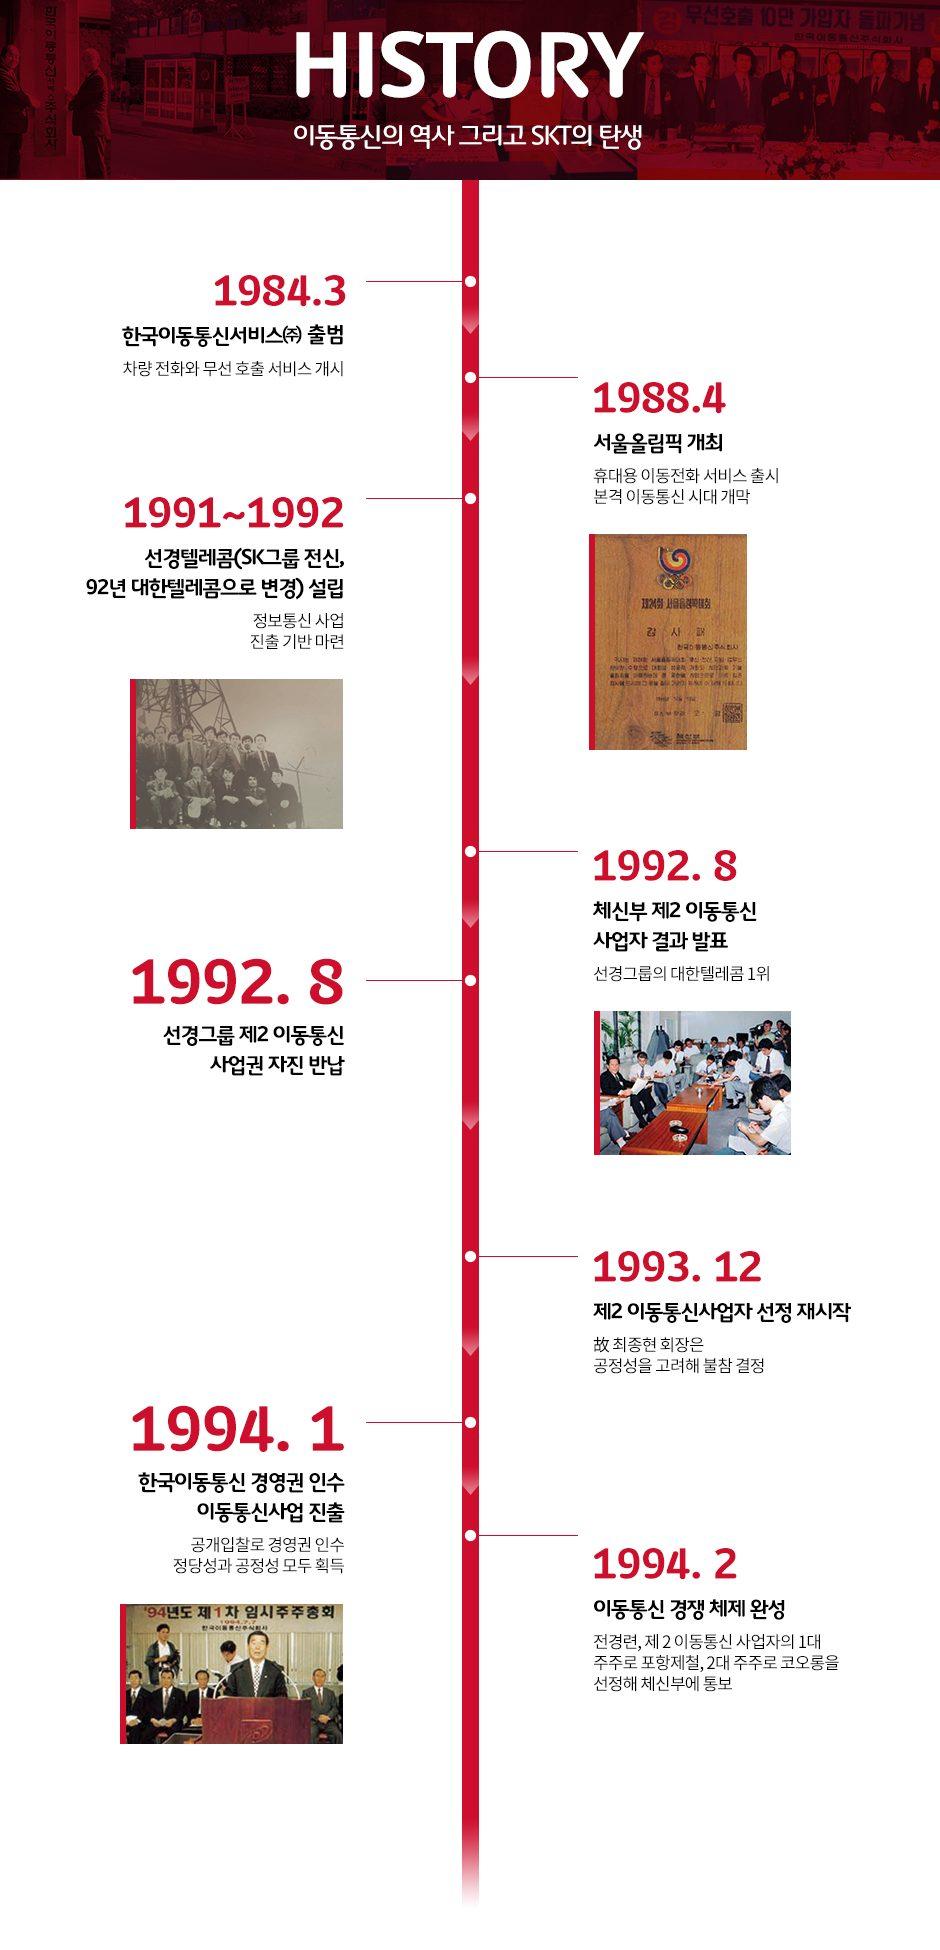 SKT 텔레콤, 창사36주년